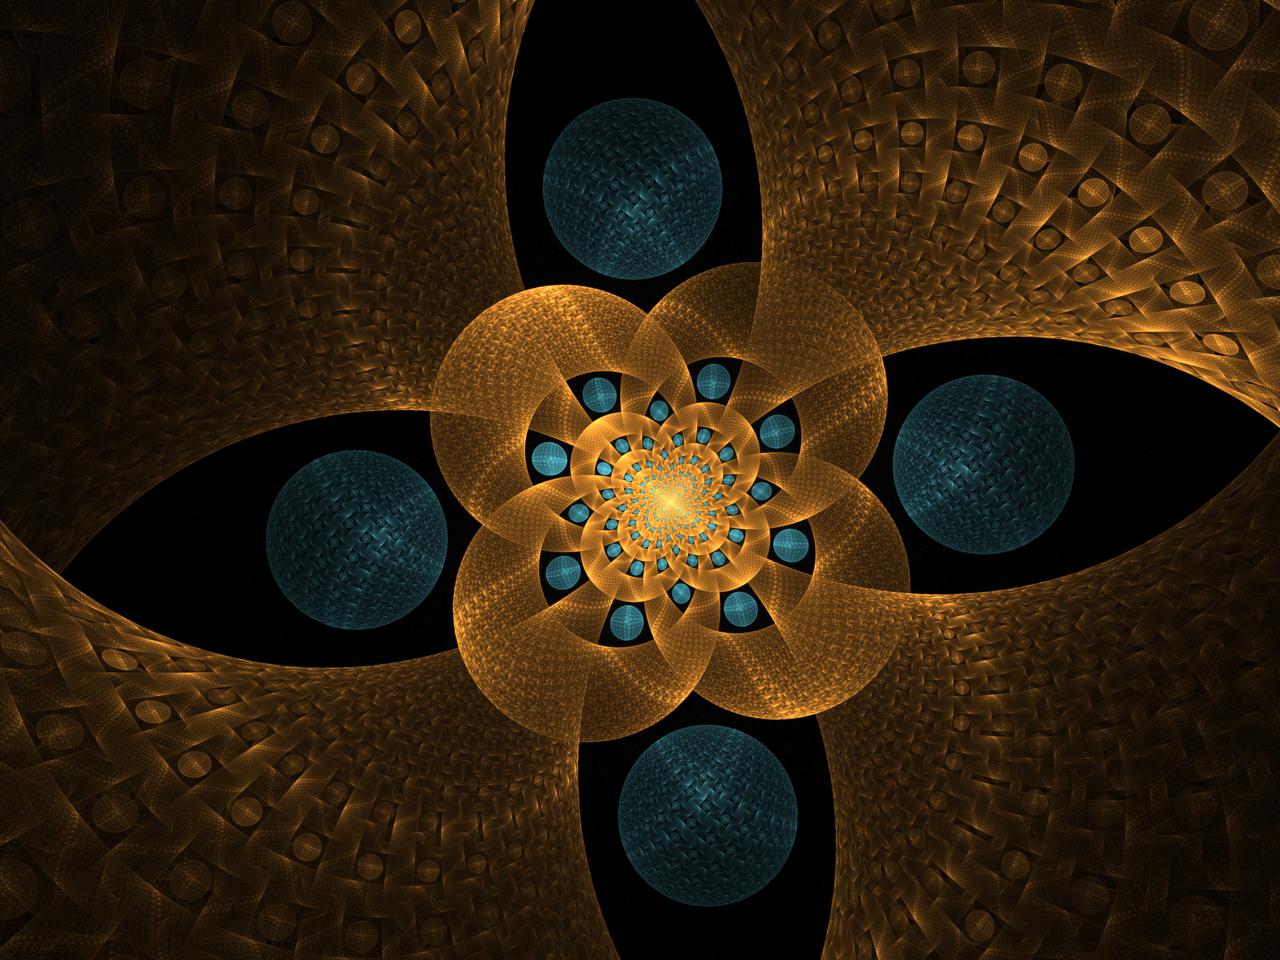 Around a Tile by SuicideBySafetyPin on DeviantArt